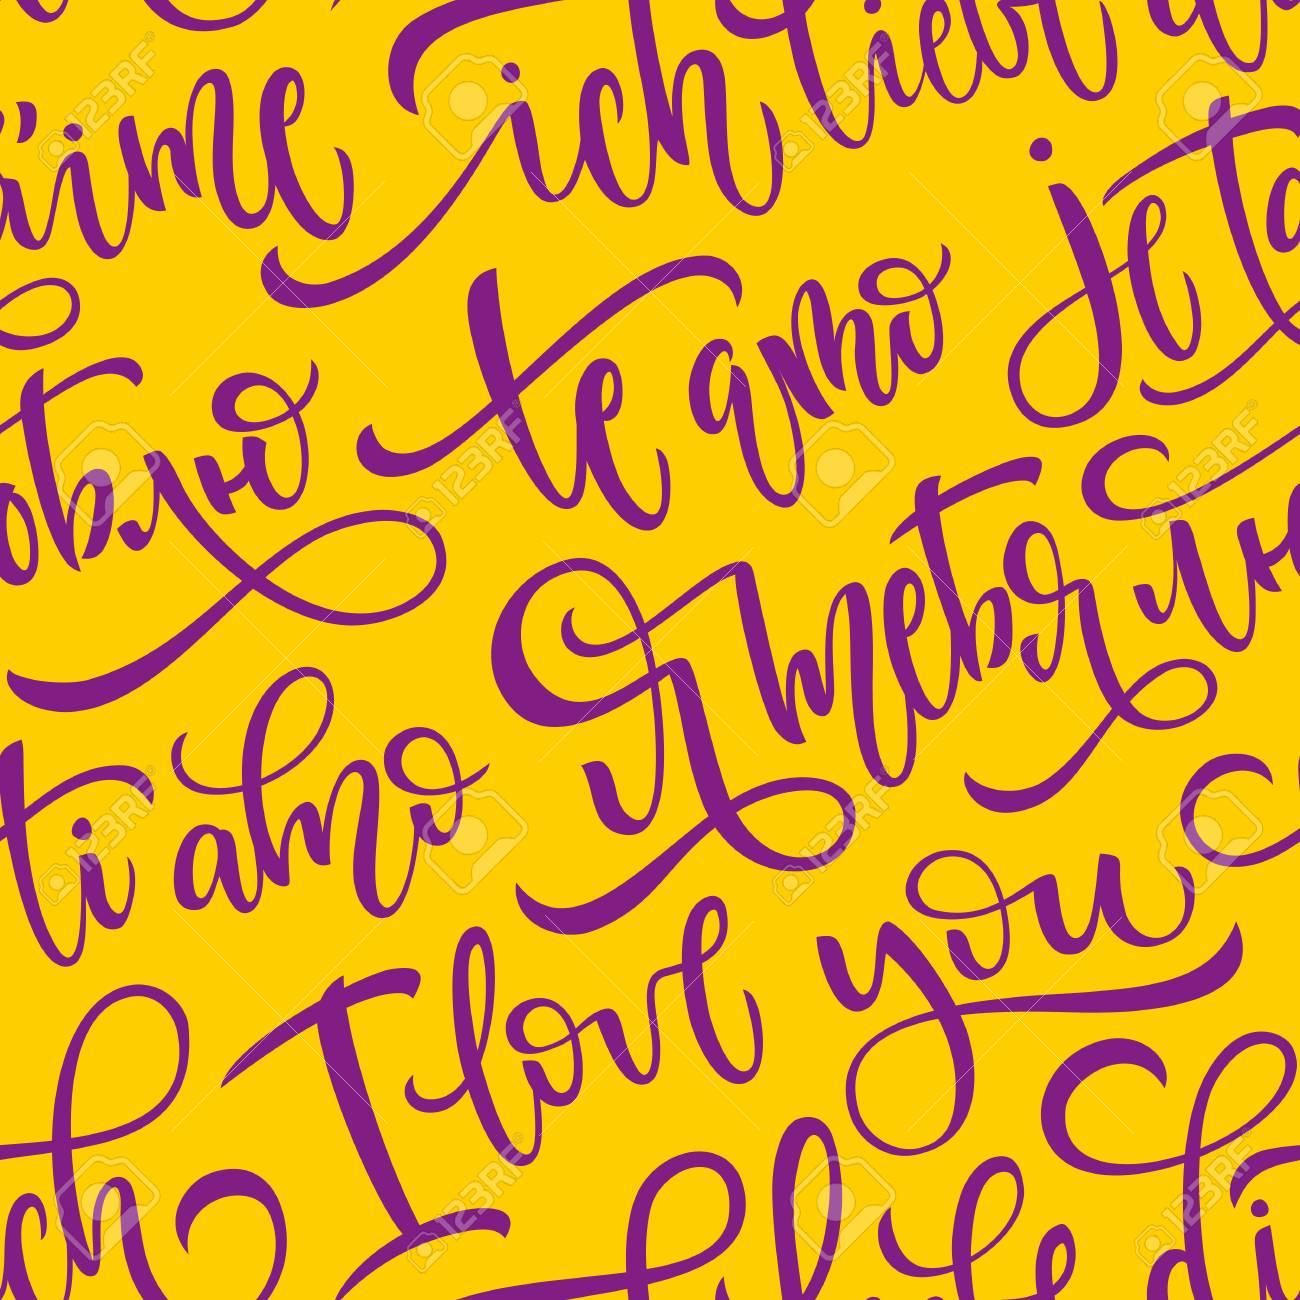 Patrón De Vector Transparente Con Frases Te Amo En Varios Idiomas Palabras En Inglés Ruso Español Italiano Francés Y Alemán Pincel Letras